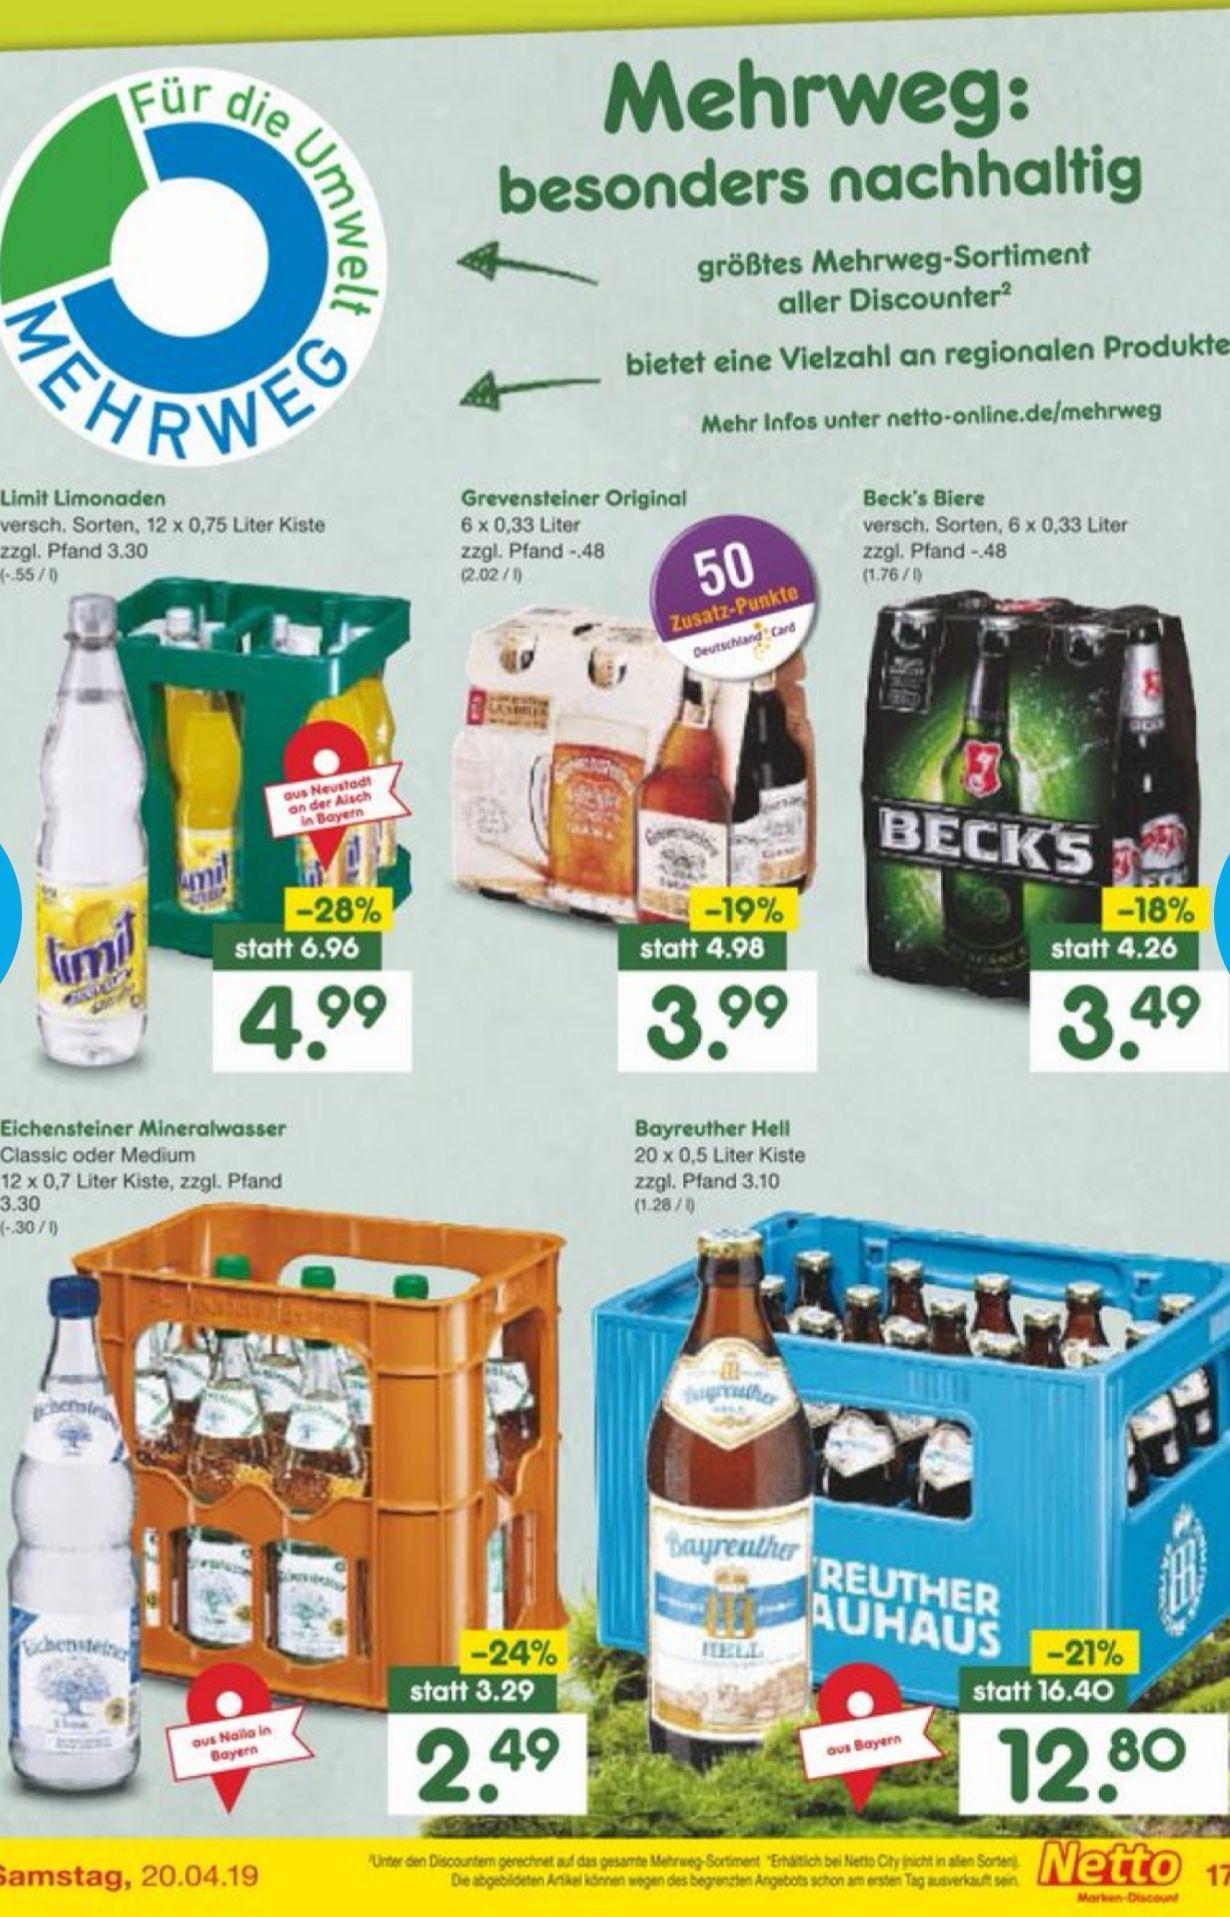 Bayreuther Brauhaus Hell 20 x 0.5l Flaschen Netto Marken-Discount (Lokal)